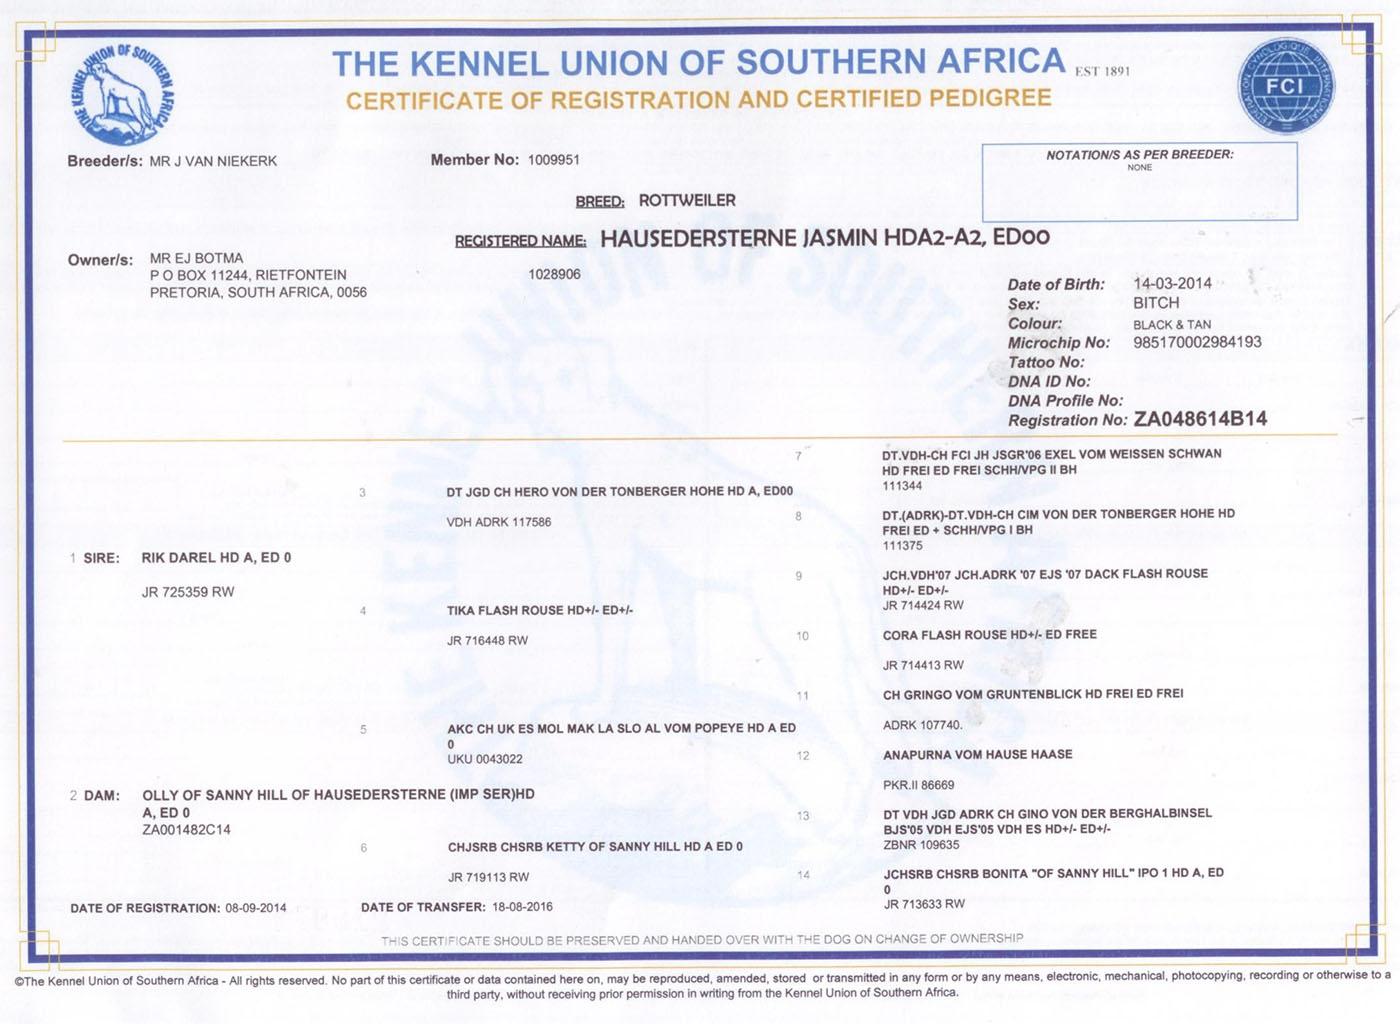 Jasmin KUSA - Pedigree Certificate